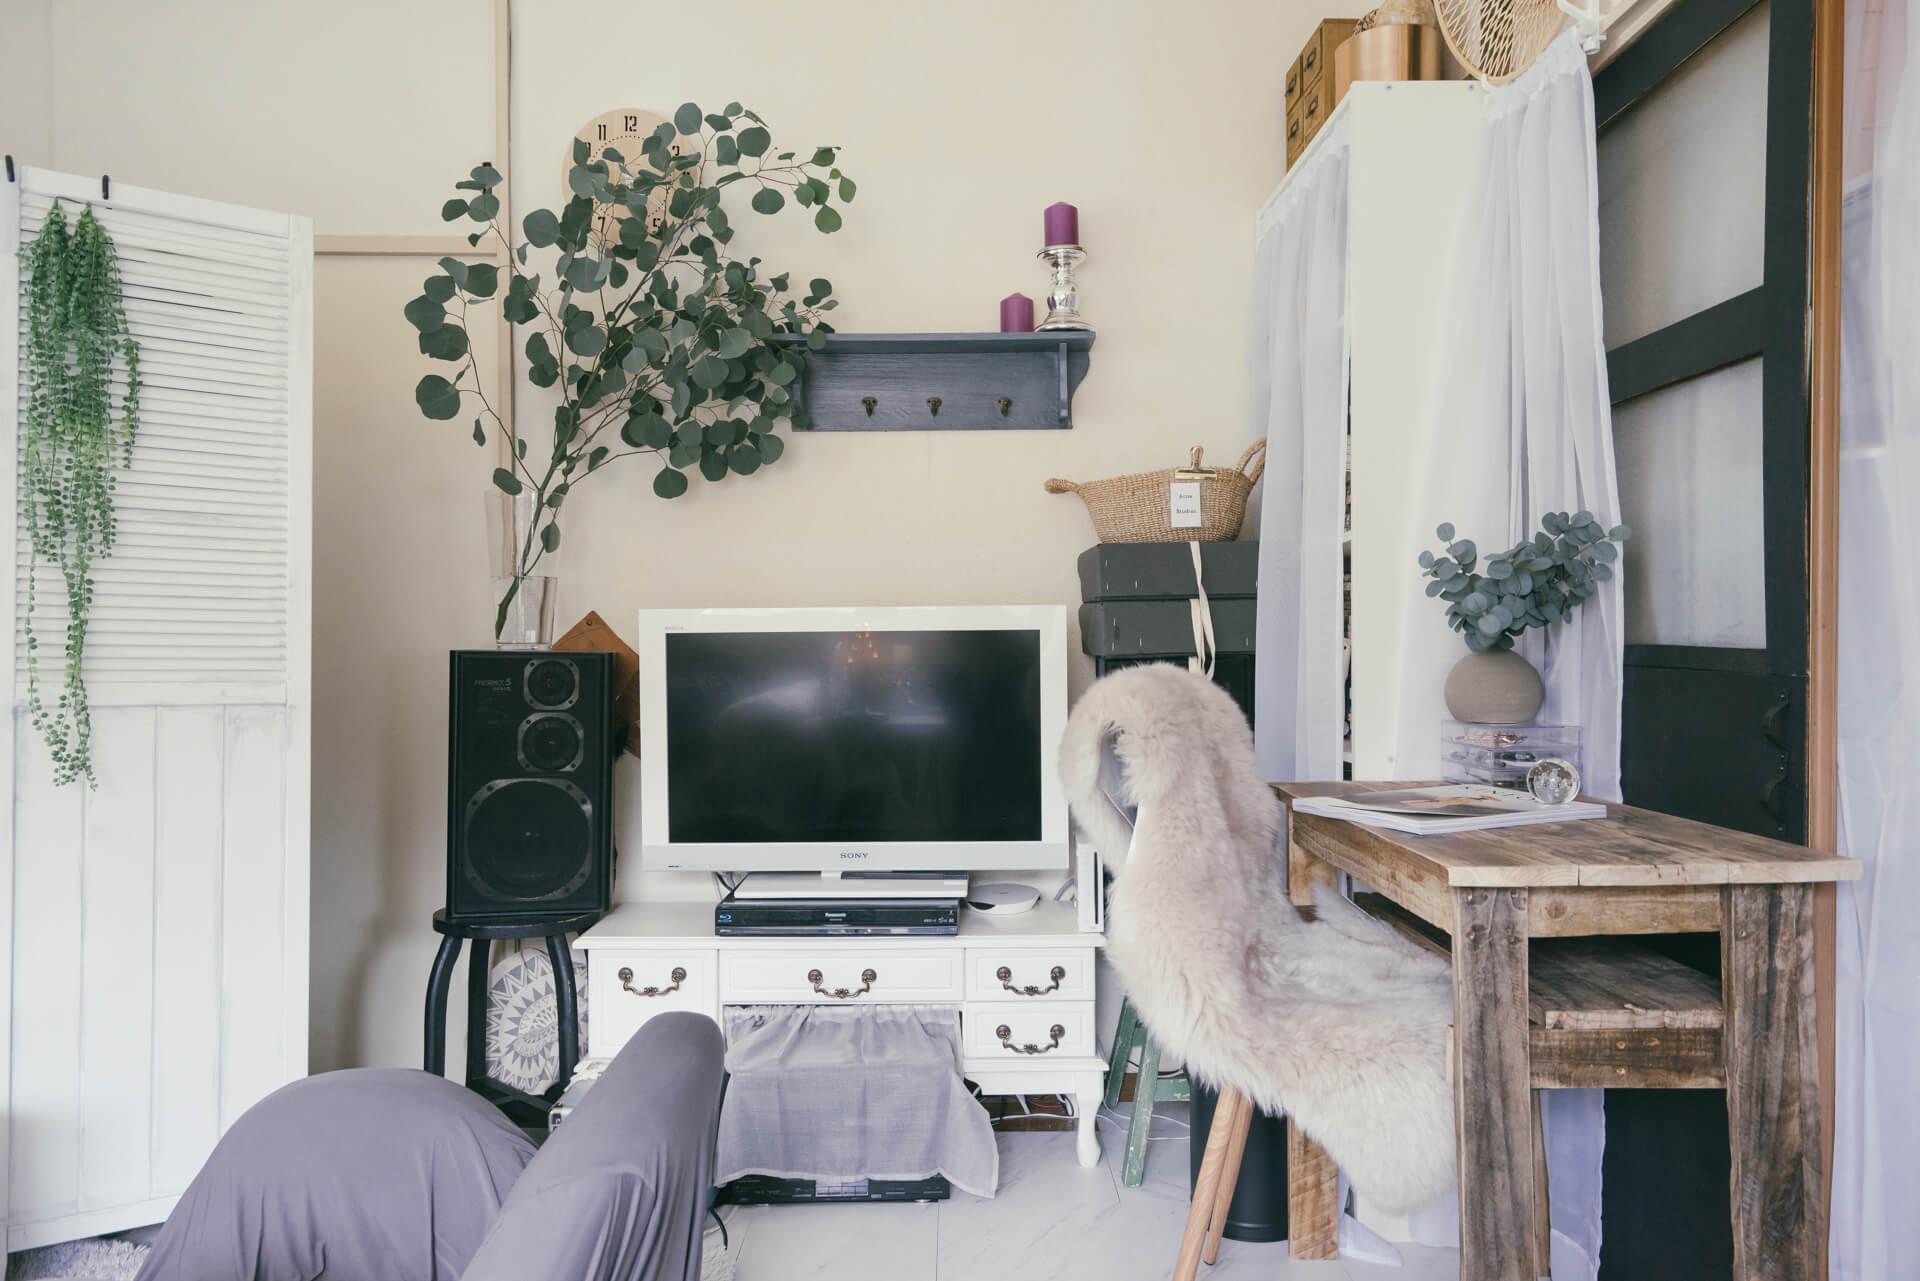 背の高い家具は、部屋に入った時に目に入らない入り口側に寄せるのがポイント。さらに白い布で目隠しをすると、だいぶ圧迫感が減らせます(このお部屋はこちら)